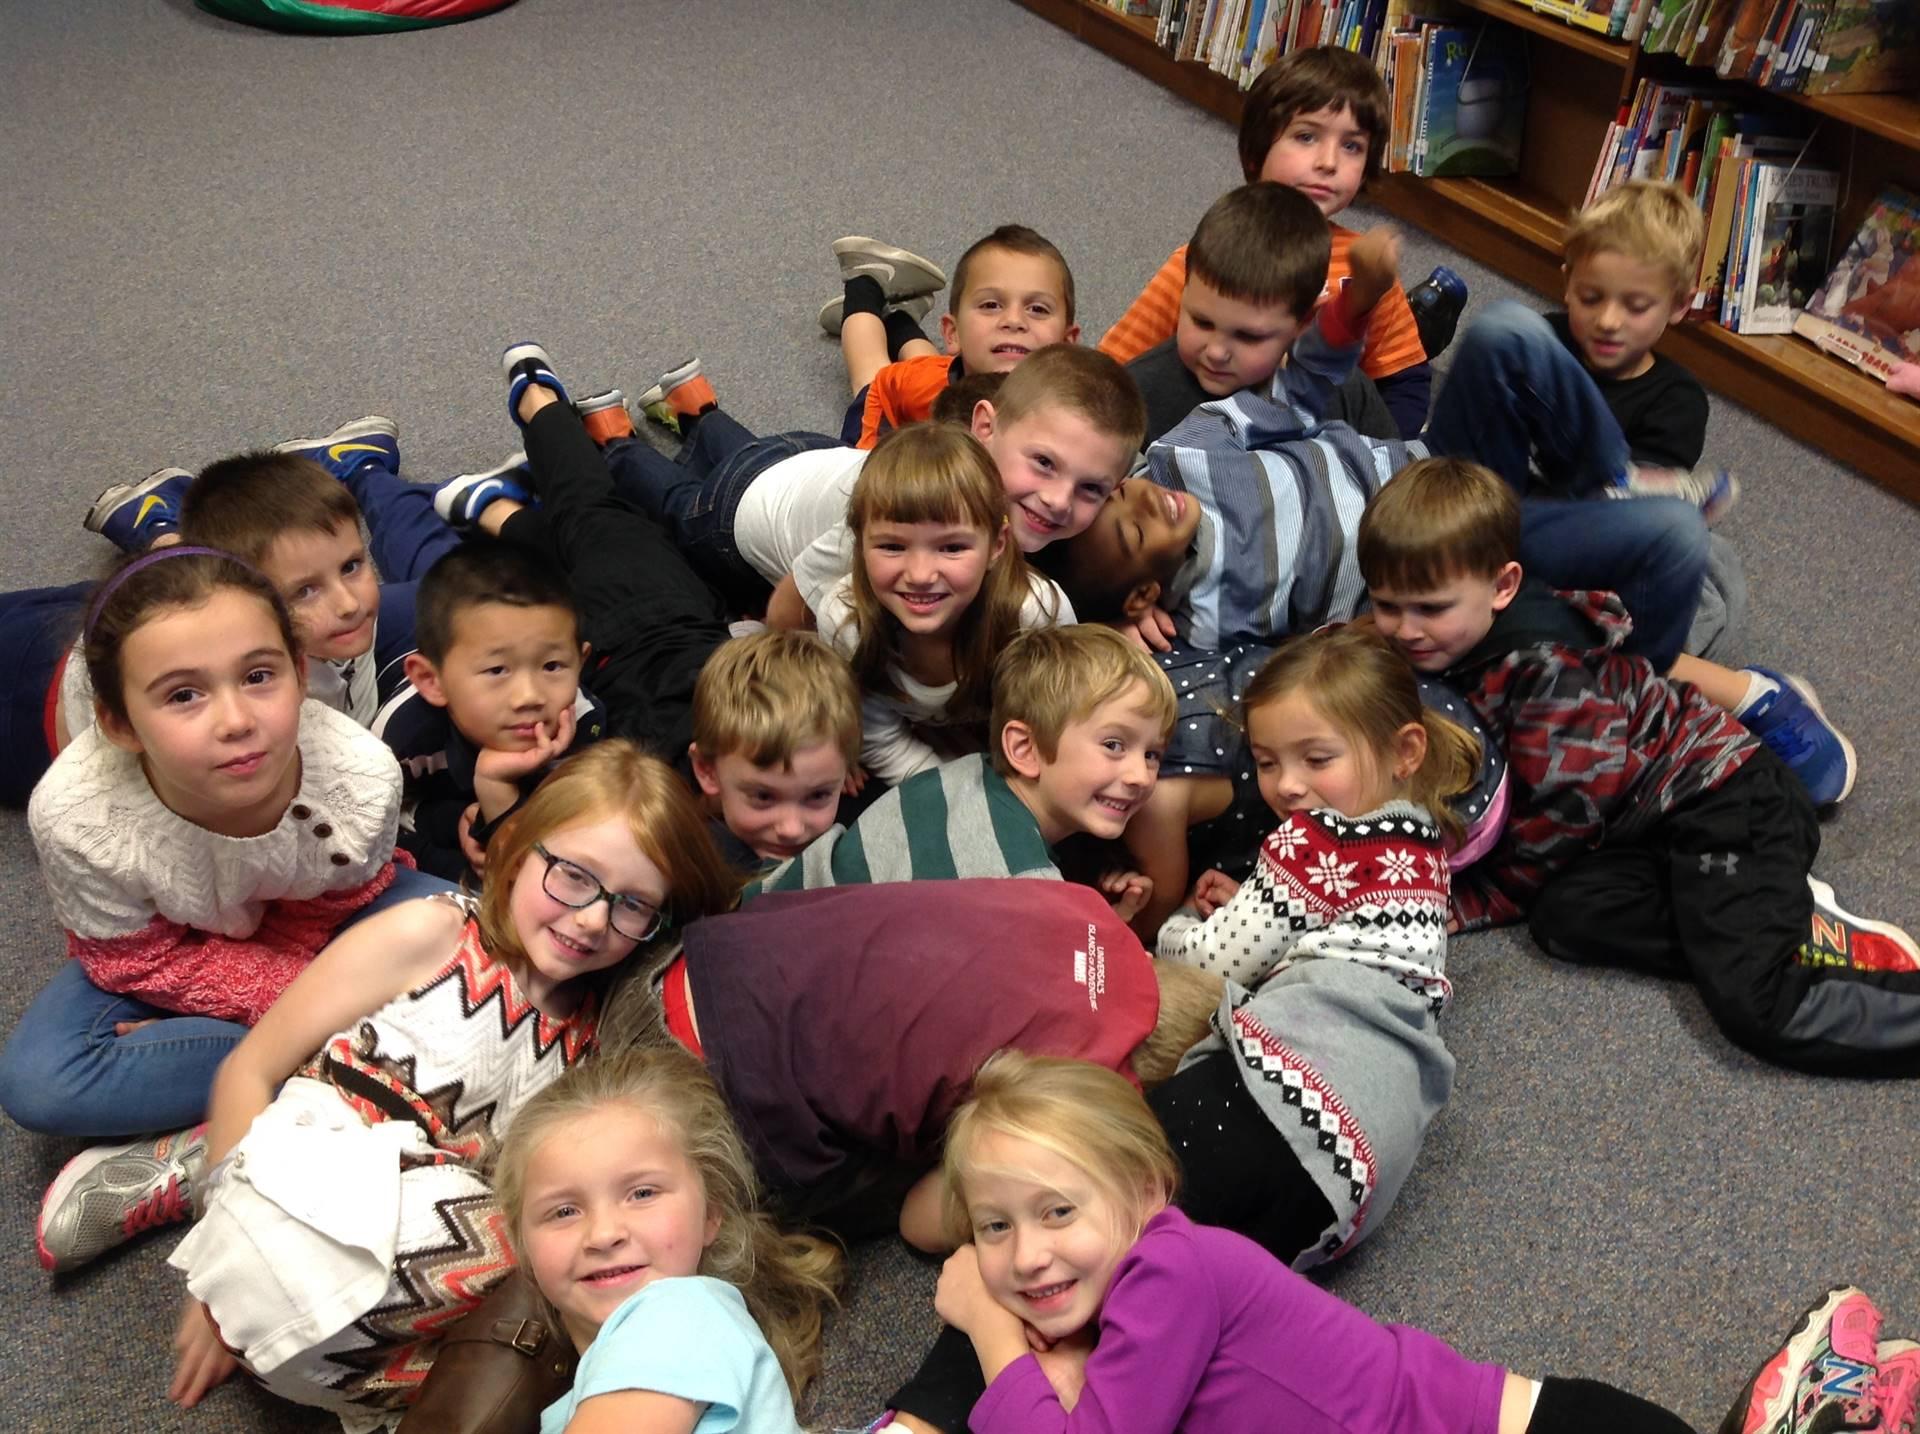 Kindergarten pile up like snakes do when they hibernate in winter